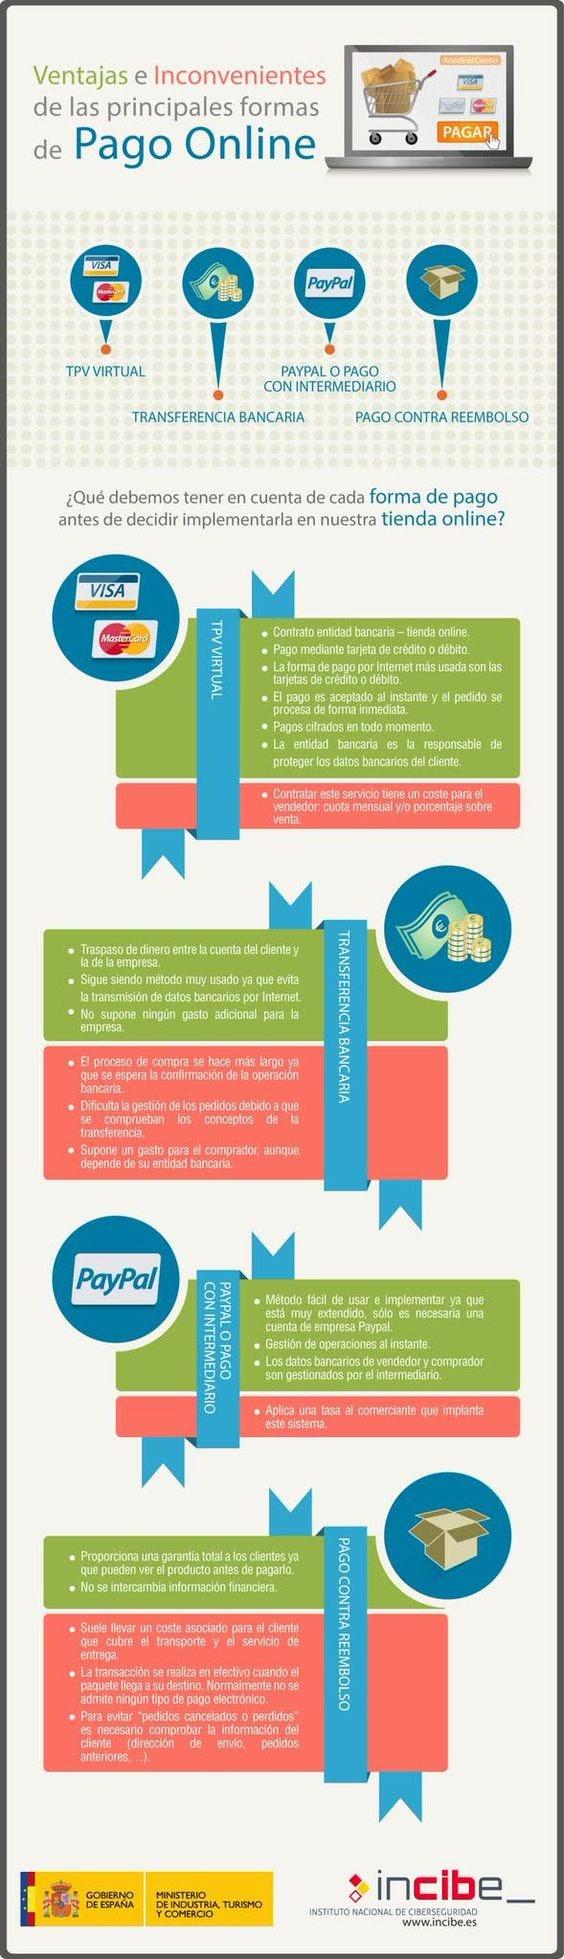 Conoce las ventajas y desventajas de los principales medios de pago en línea